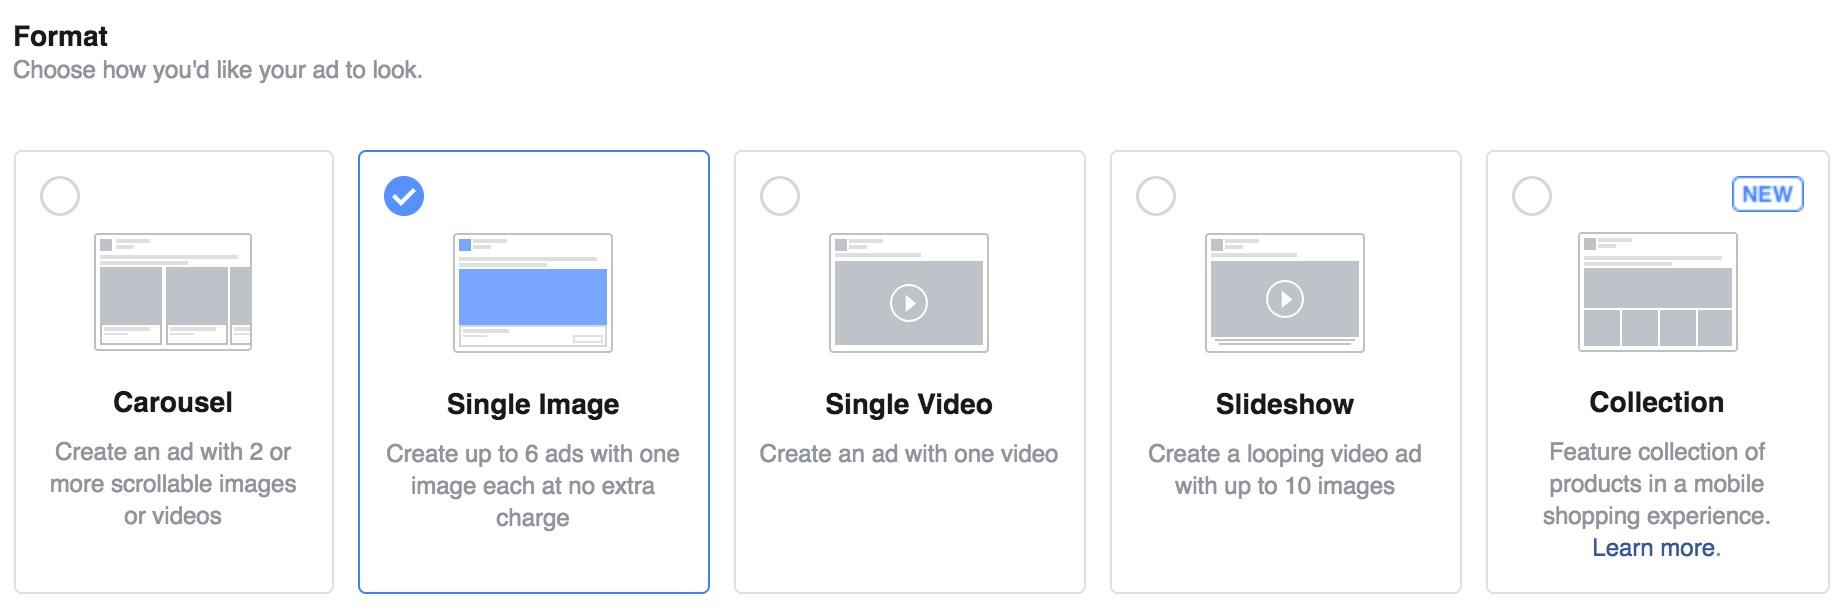 Как сделать слайд шоу в фейсбук iphone